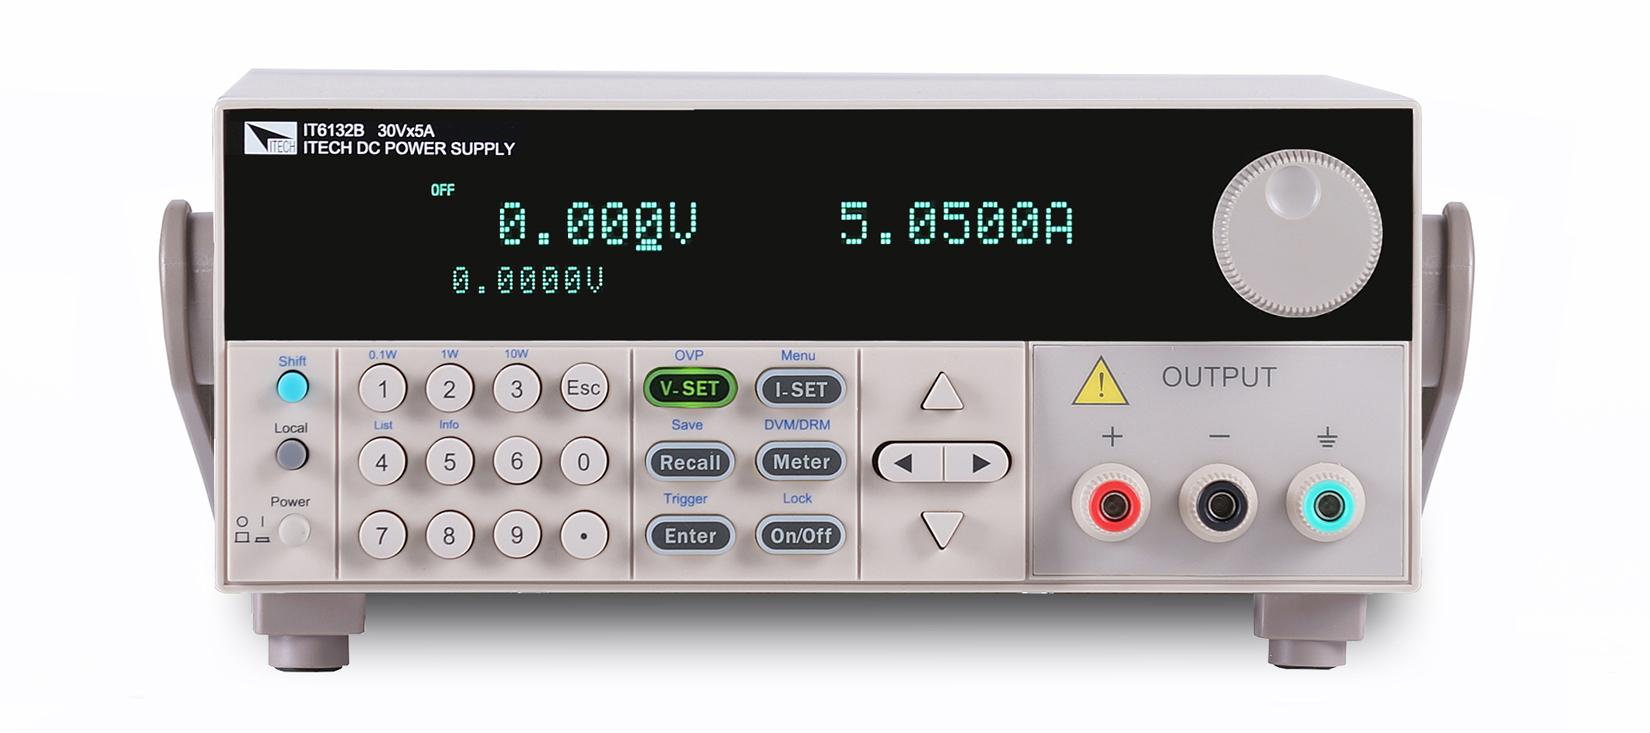 Itech IT6100 Series DC Power Supplies